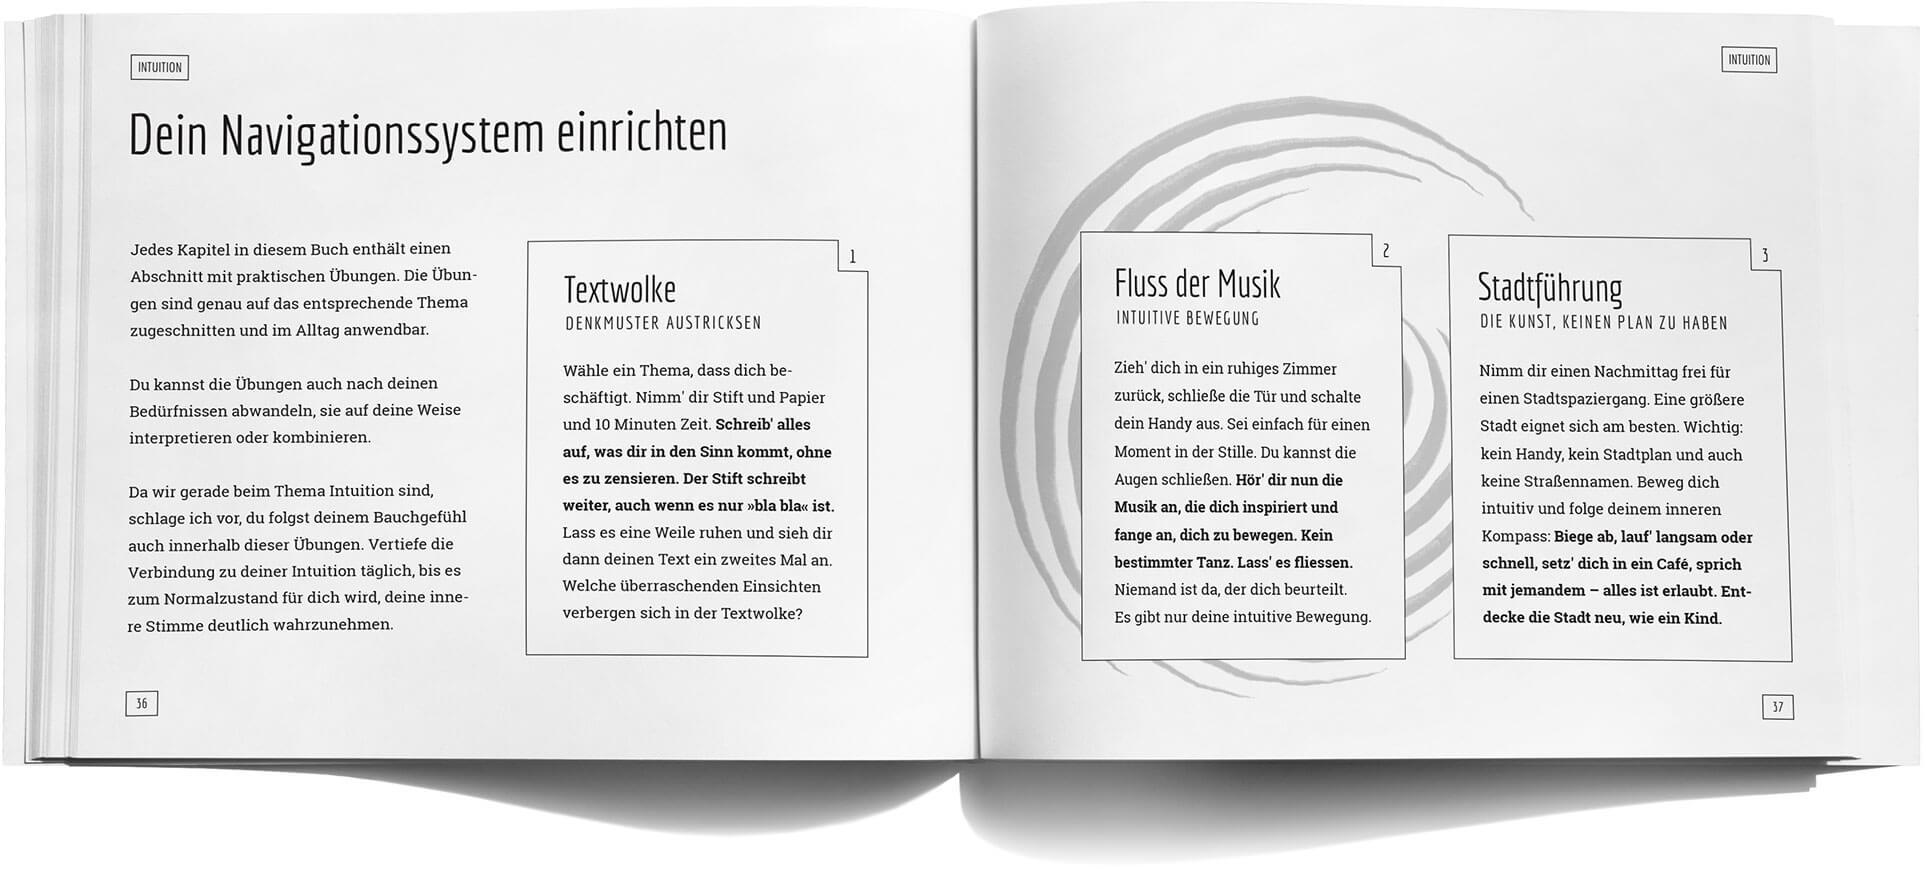 Praktische Spiritualität für das Leben, wie es wirklich ist Arbeitsbuch - Auszug 1 - Mathias Fritzen